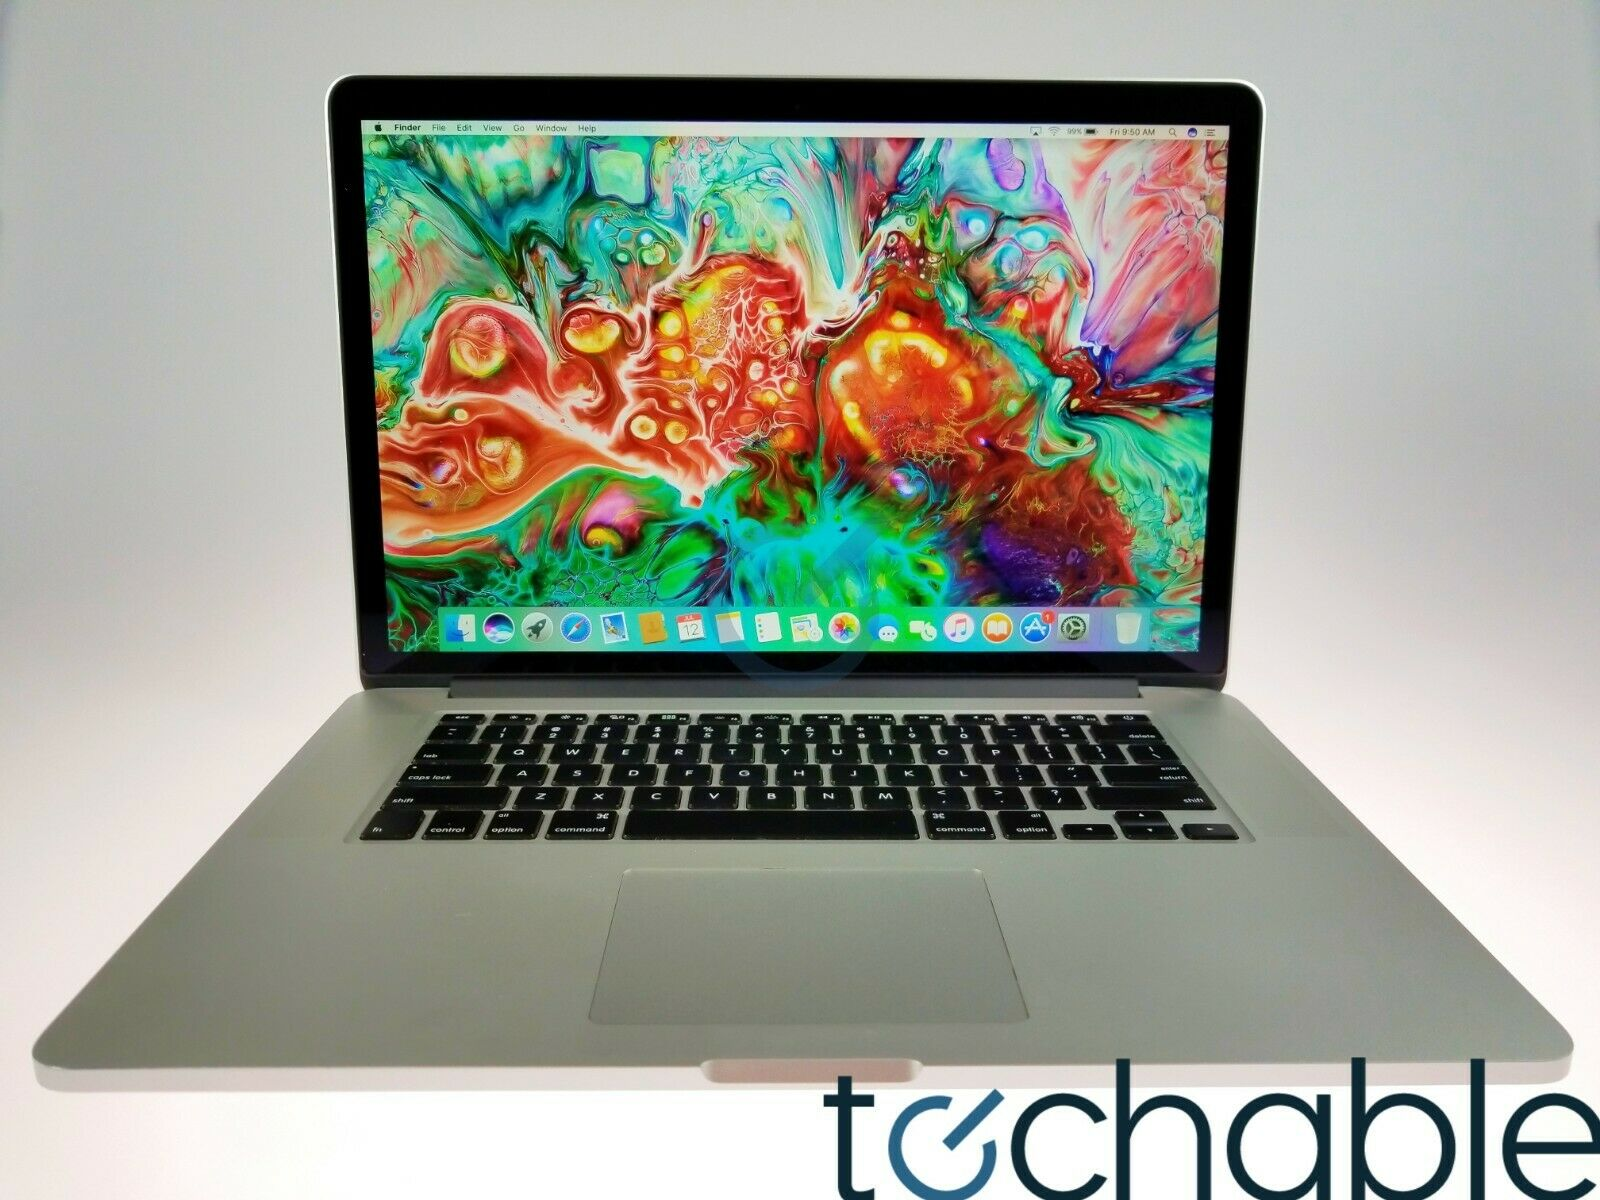 Apple Macbook Pro Retina 15.4 Core i7 2.7Ghz - 16GB RAM 500GB SSD *NEW DISPLAY*